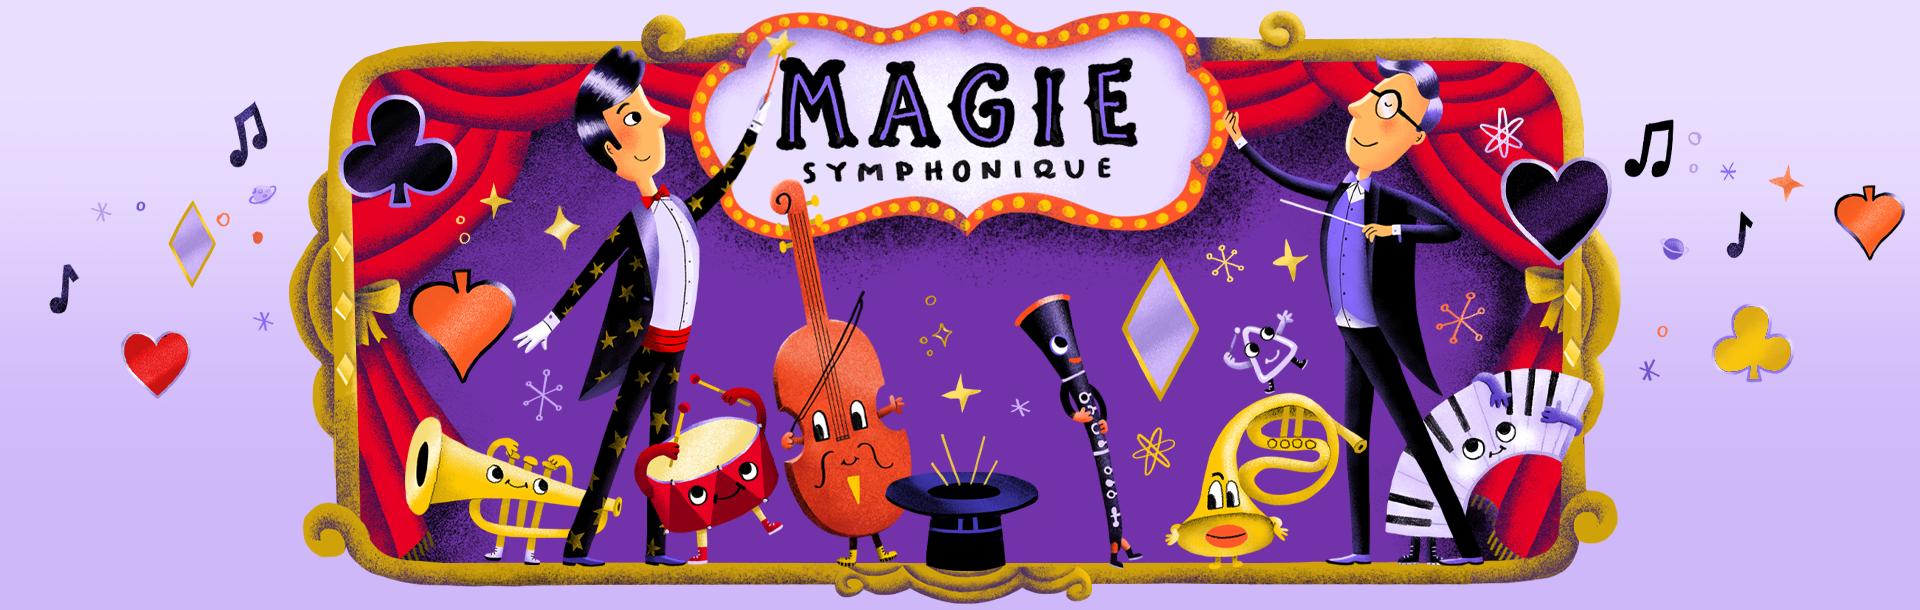 Magie symphonique -